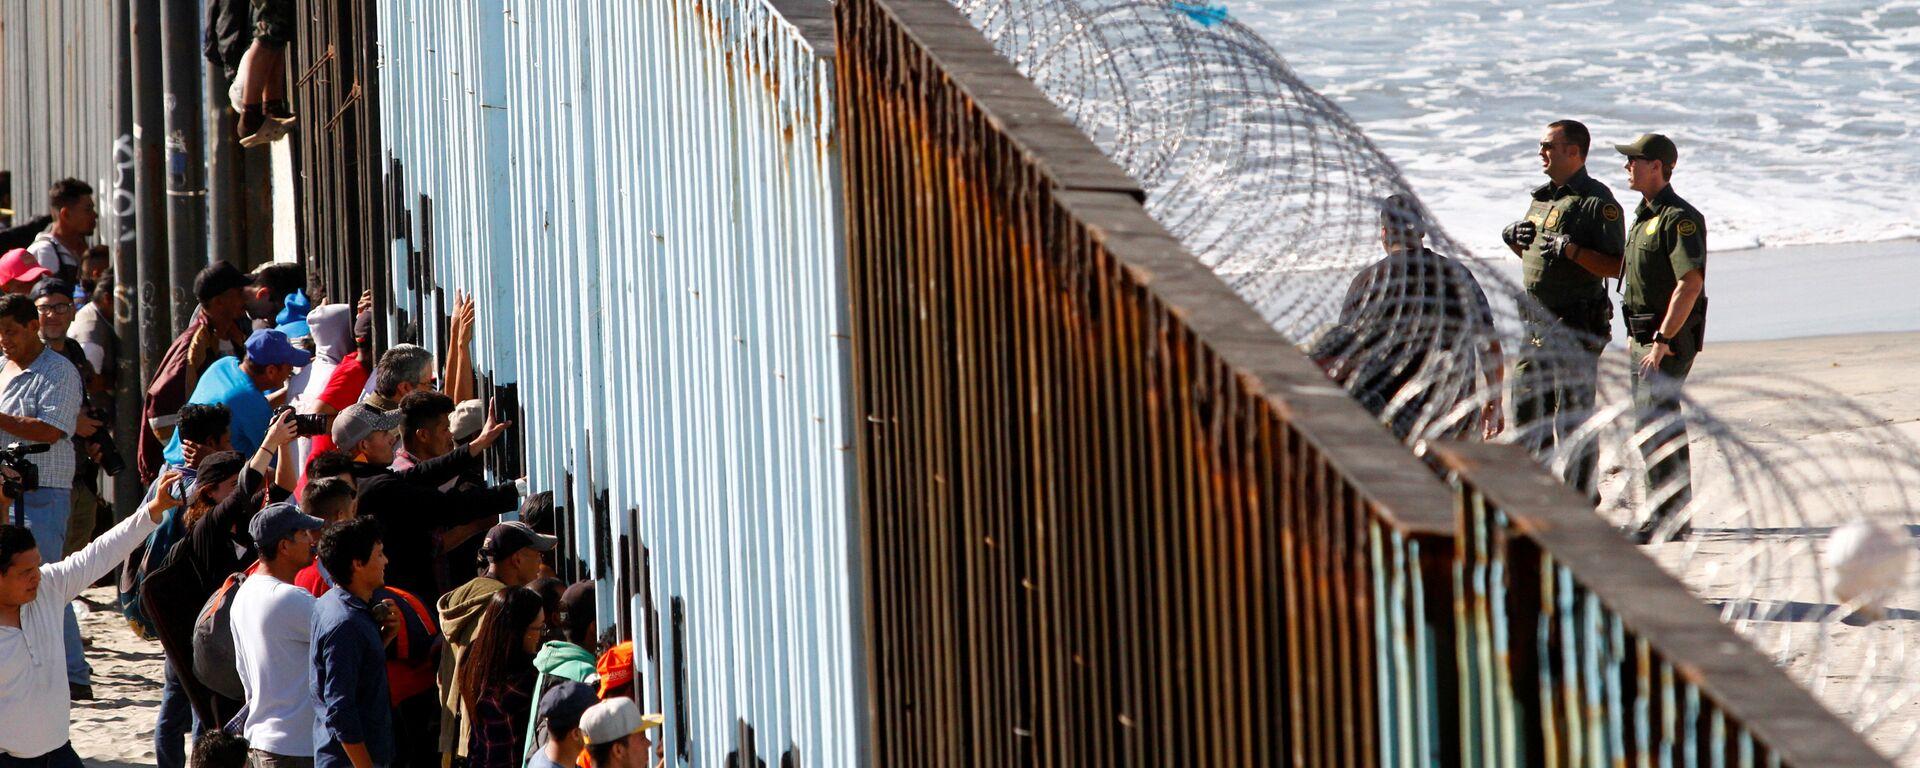 Orta Amerikalı göçmen kervanından 800-1000 kişilik bir grup, Meksika'nın ABD sınırındaki Tijuana'ya ulaştı. Göçmenler, kentte ABD ile sınırı belirleyen duvarı adeta kuşatmaya aldı. - Sputnik Türkiye, 1920, 05.08.2021